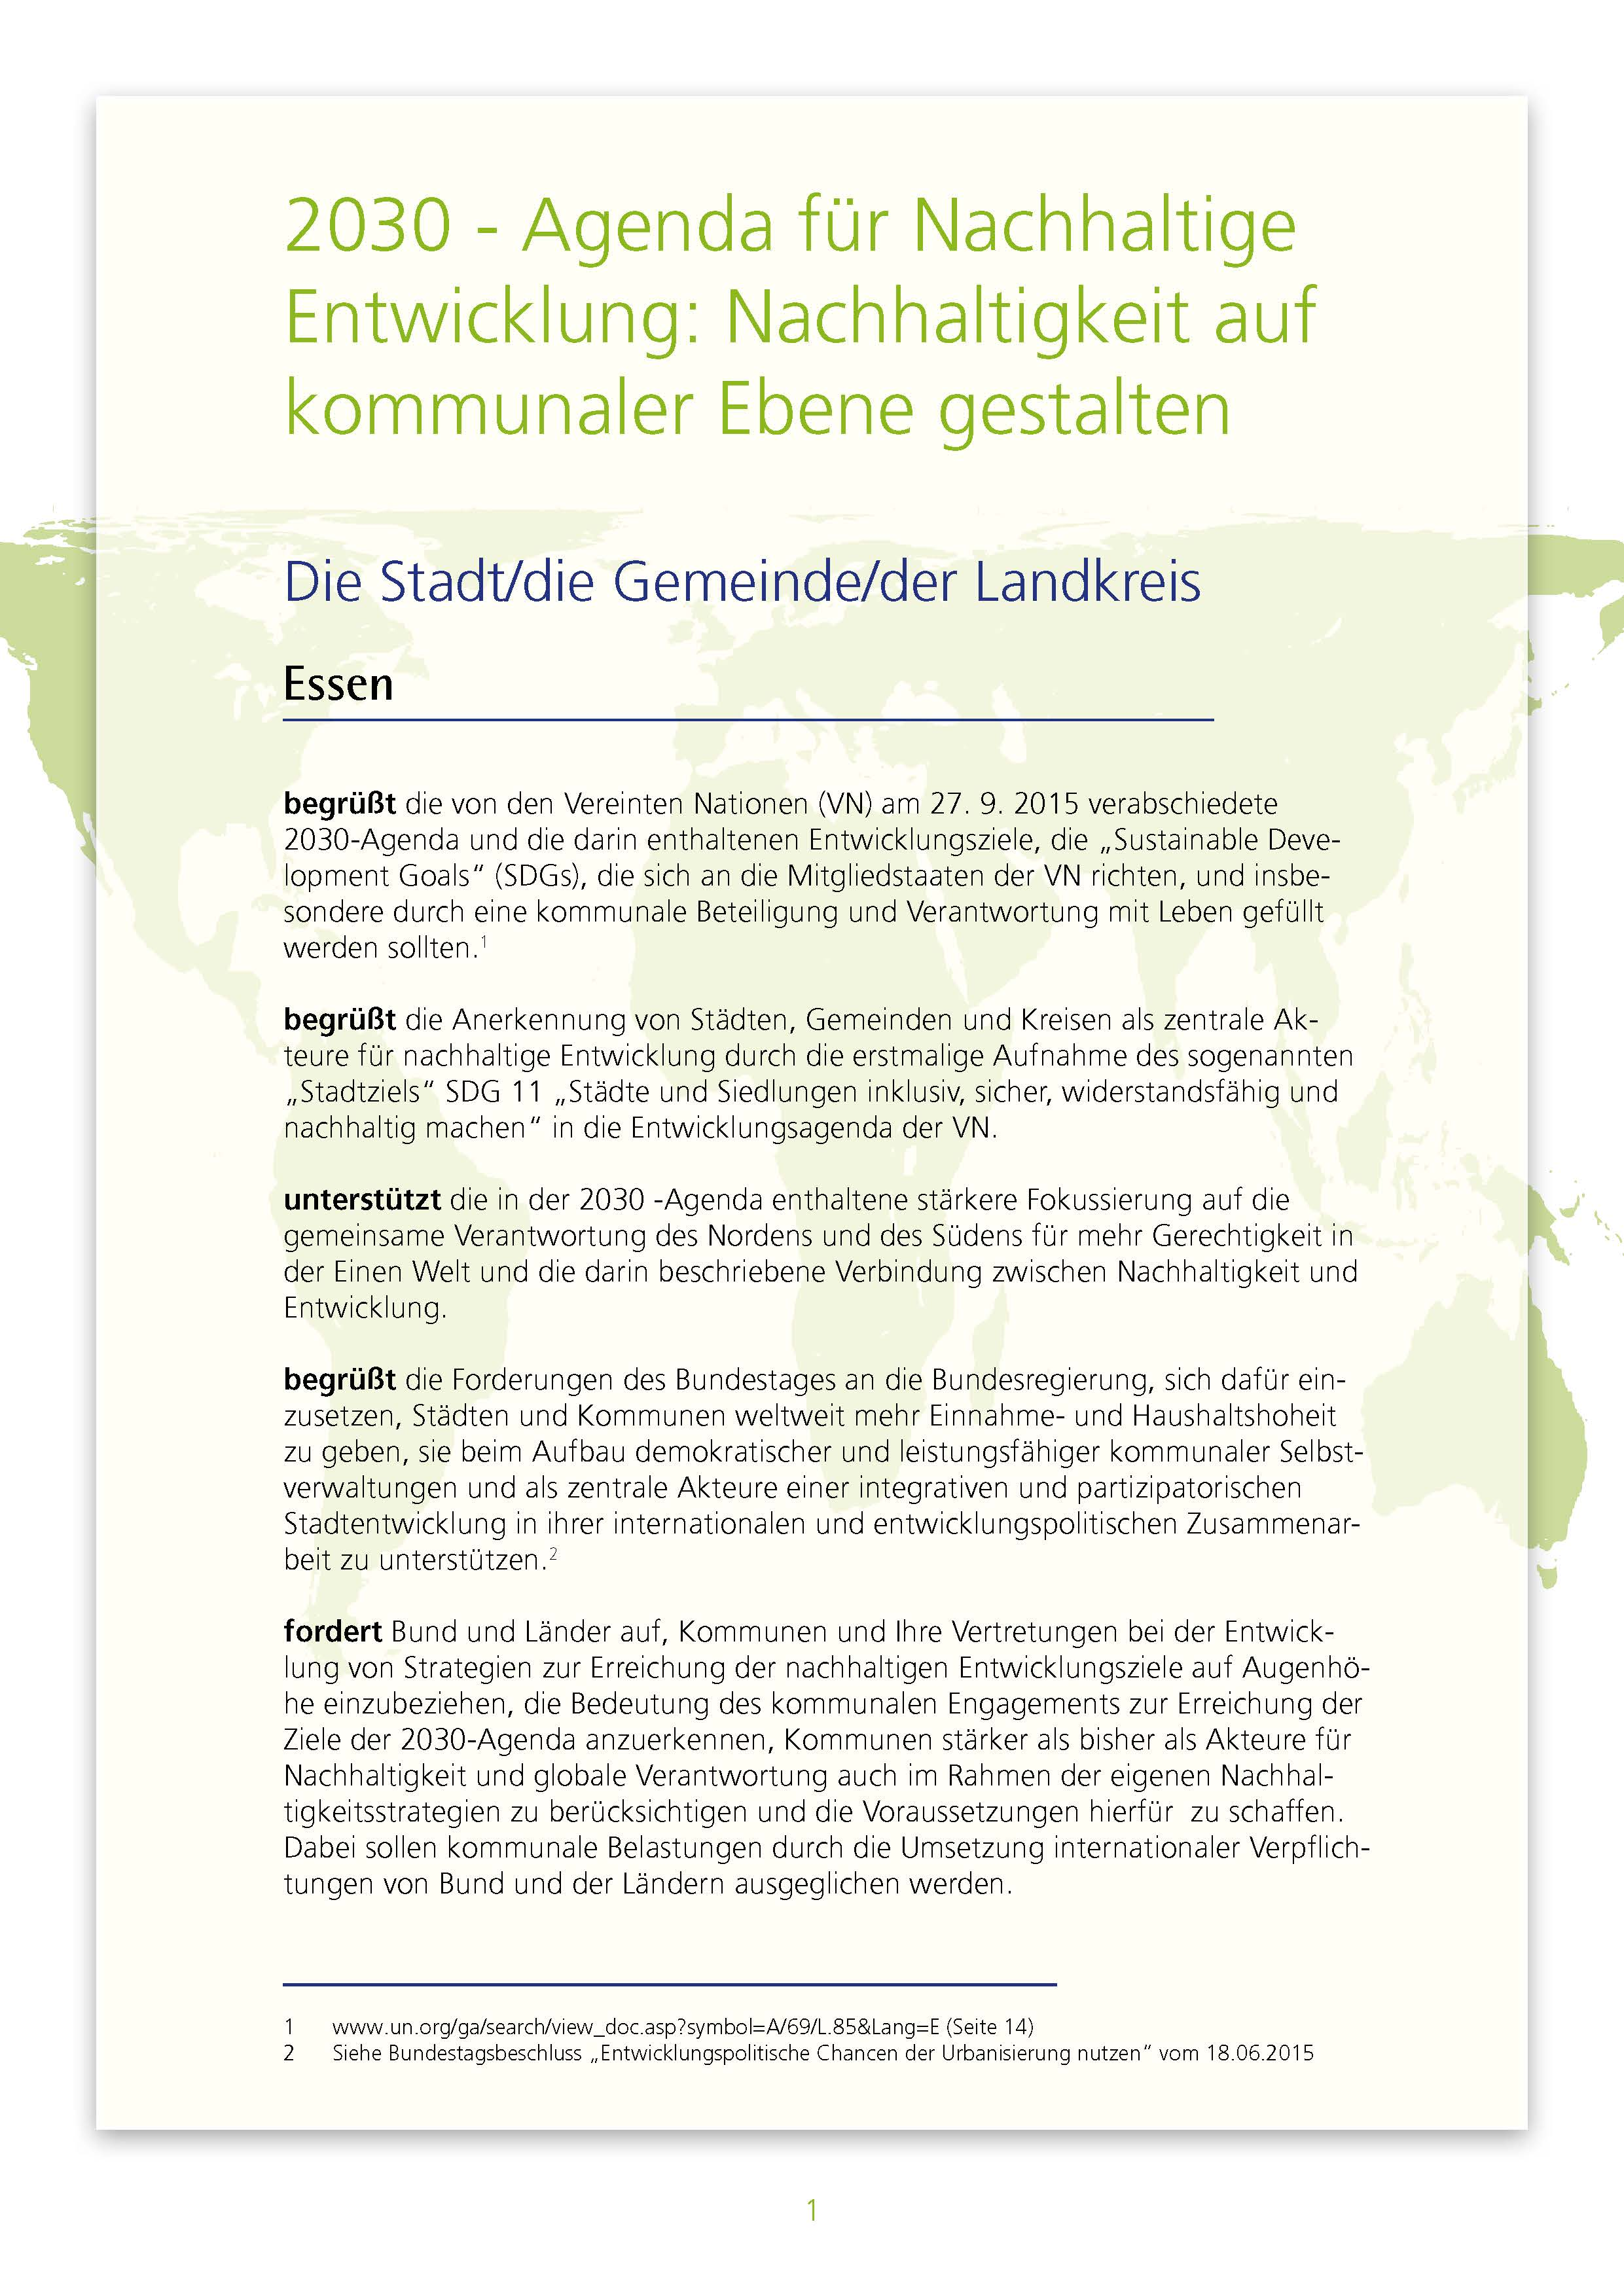 Musterresolution: 2030 - Agenda für Nachhaltige Entwicklung